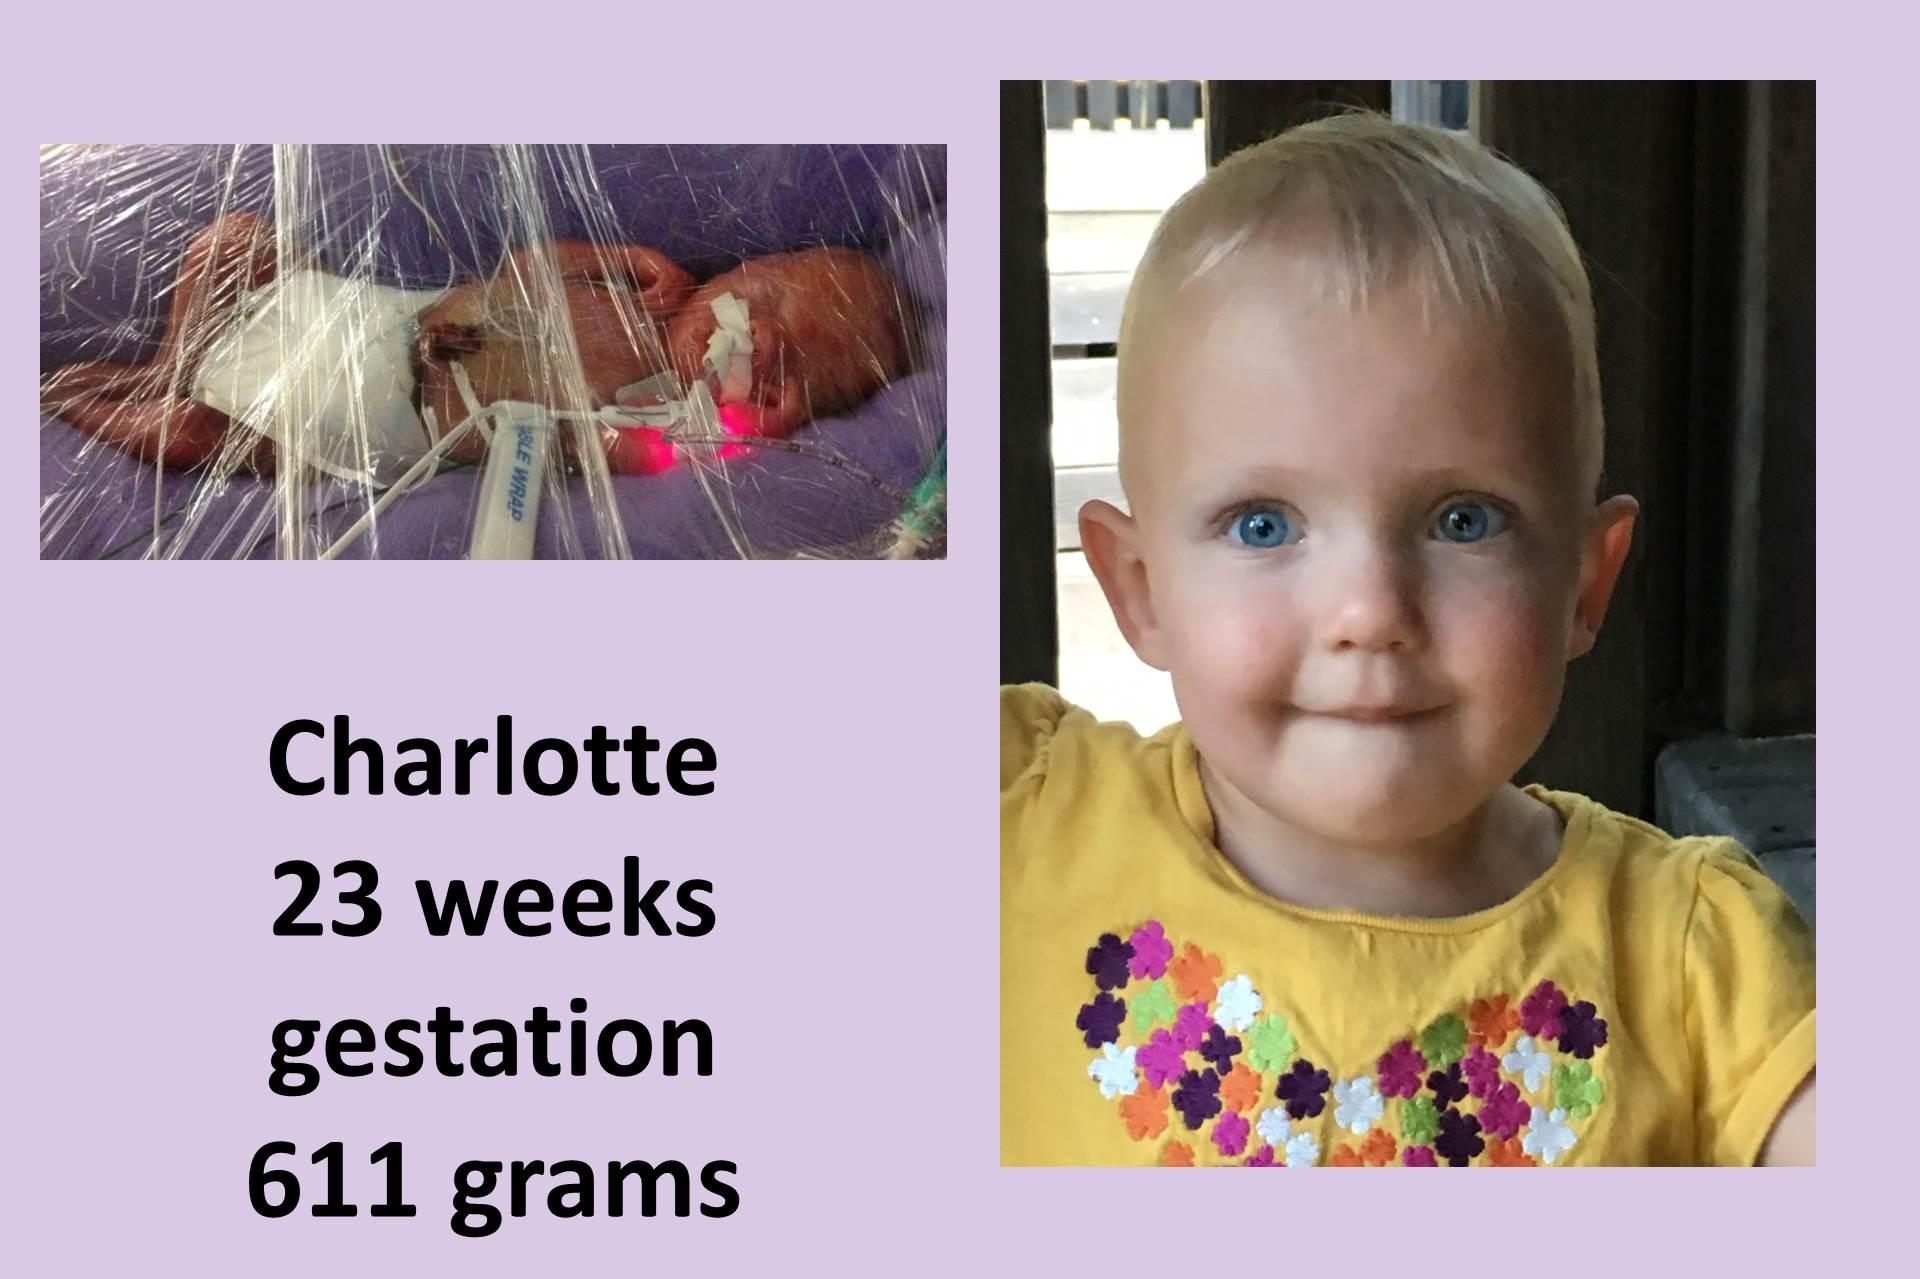 Hallway of Hope: Charlotte